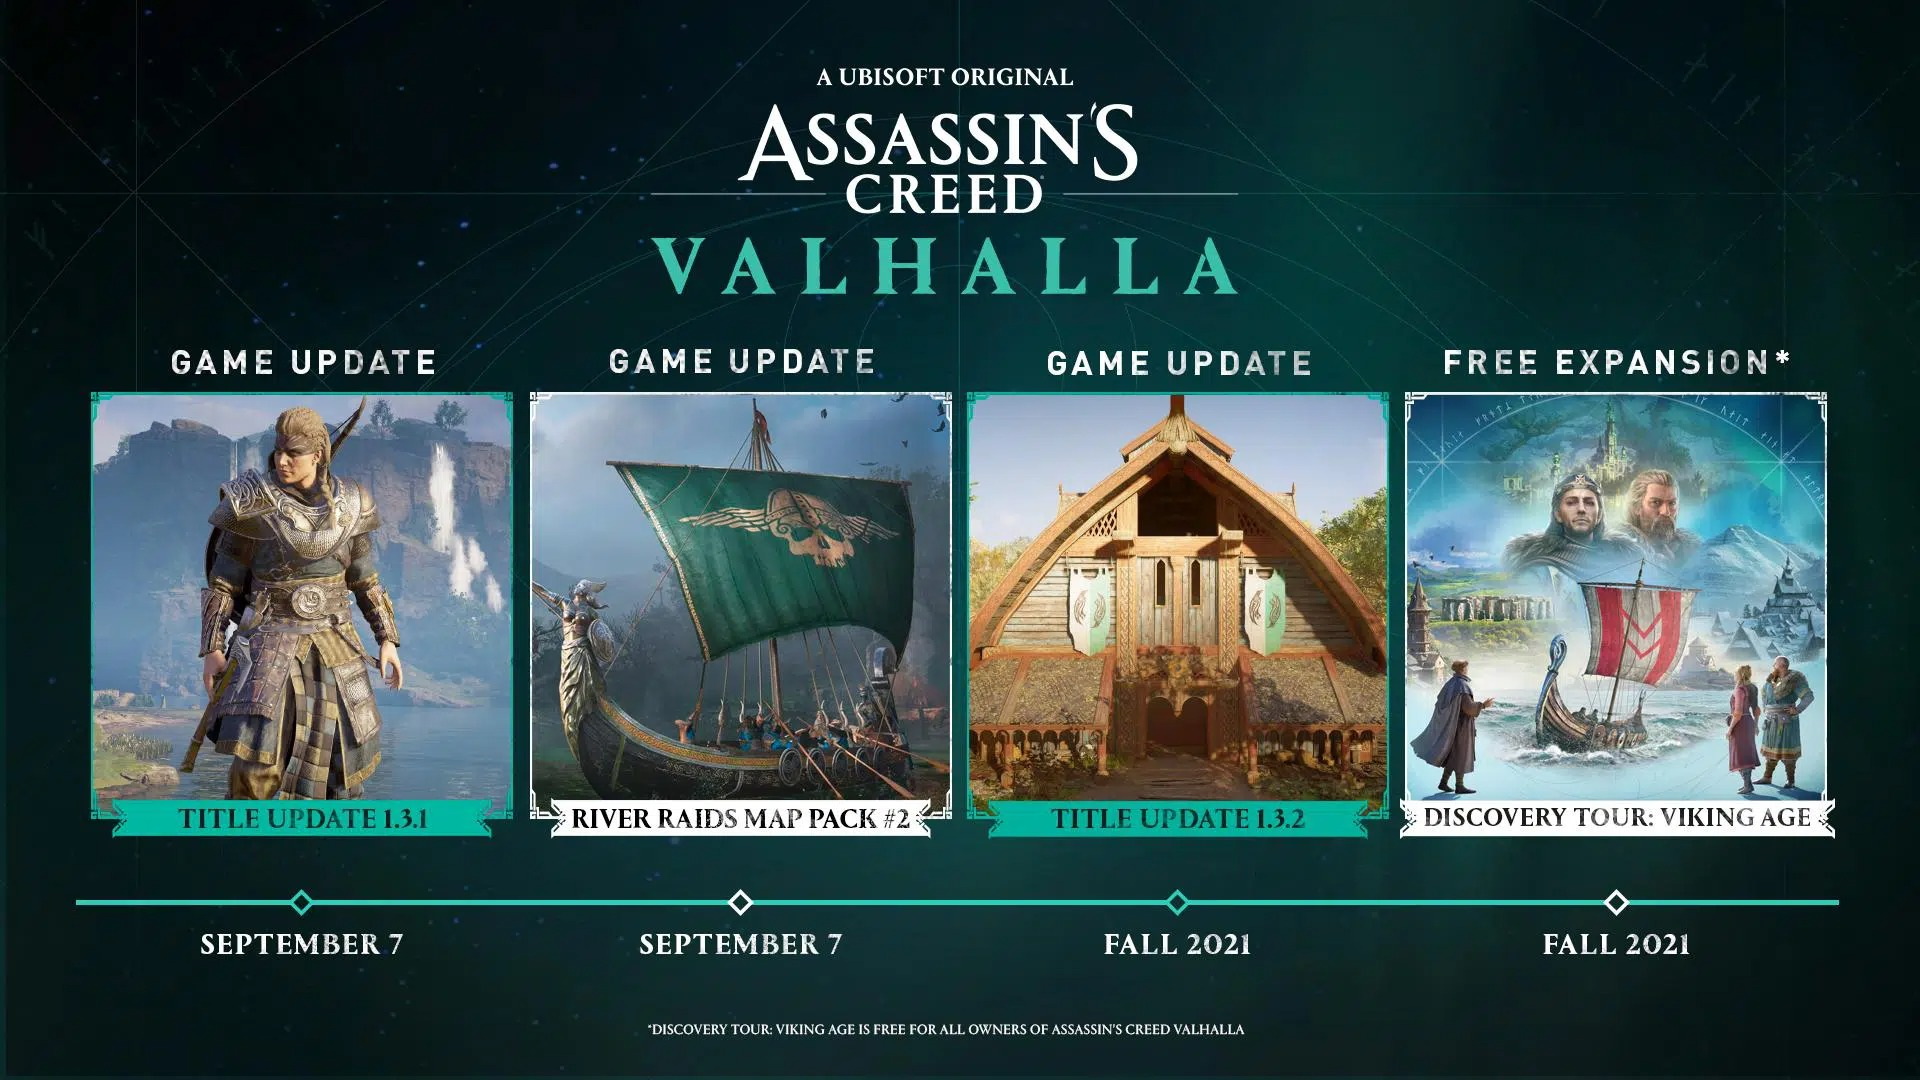 Ubisoft представила обновленную дорожную карту Assassin's Creed Valhalla на осень — игра получит интерактивный тур